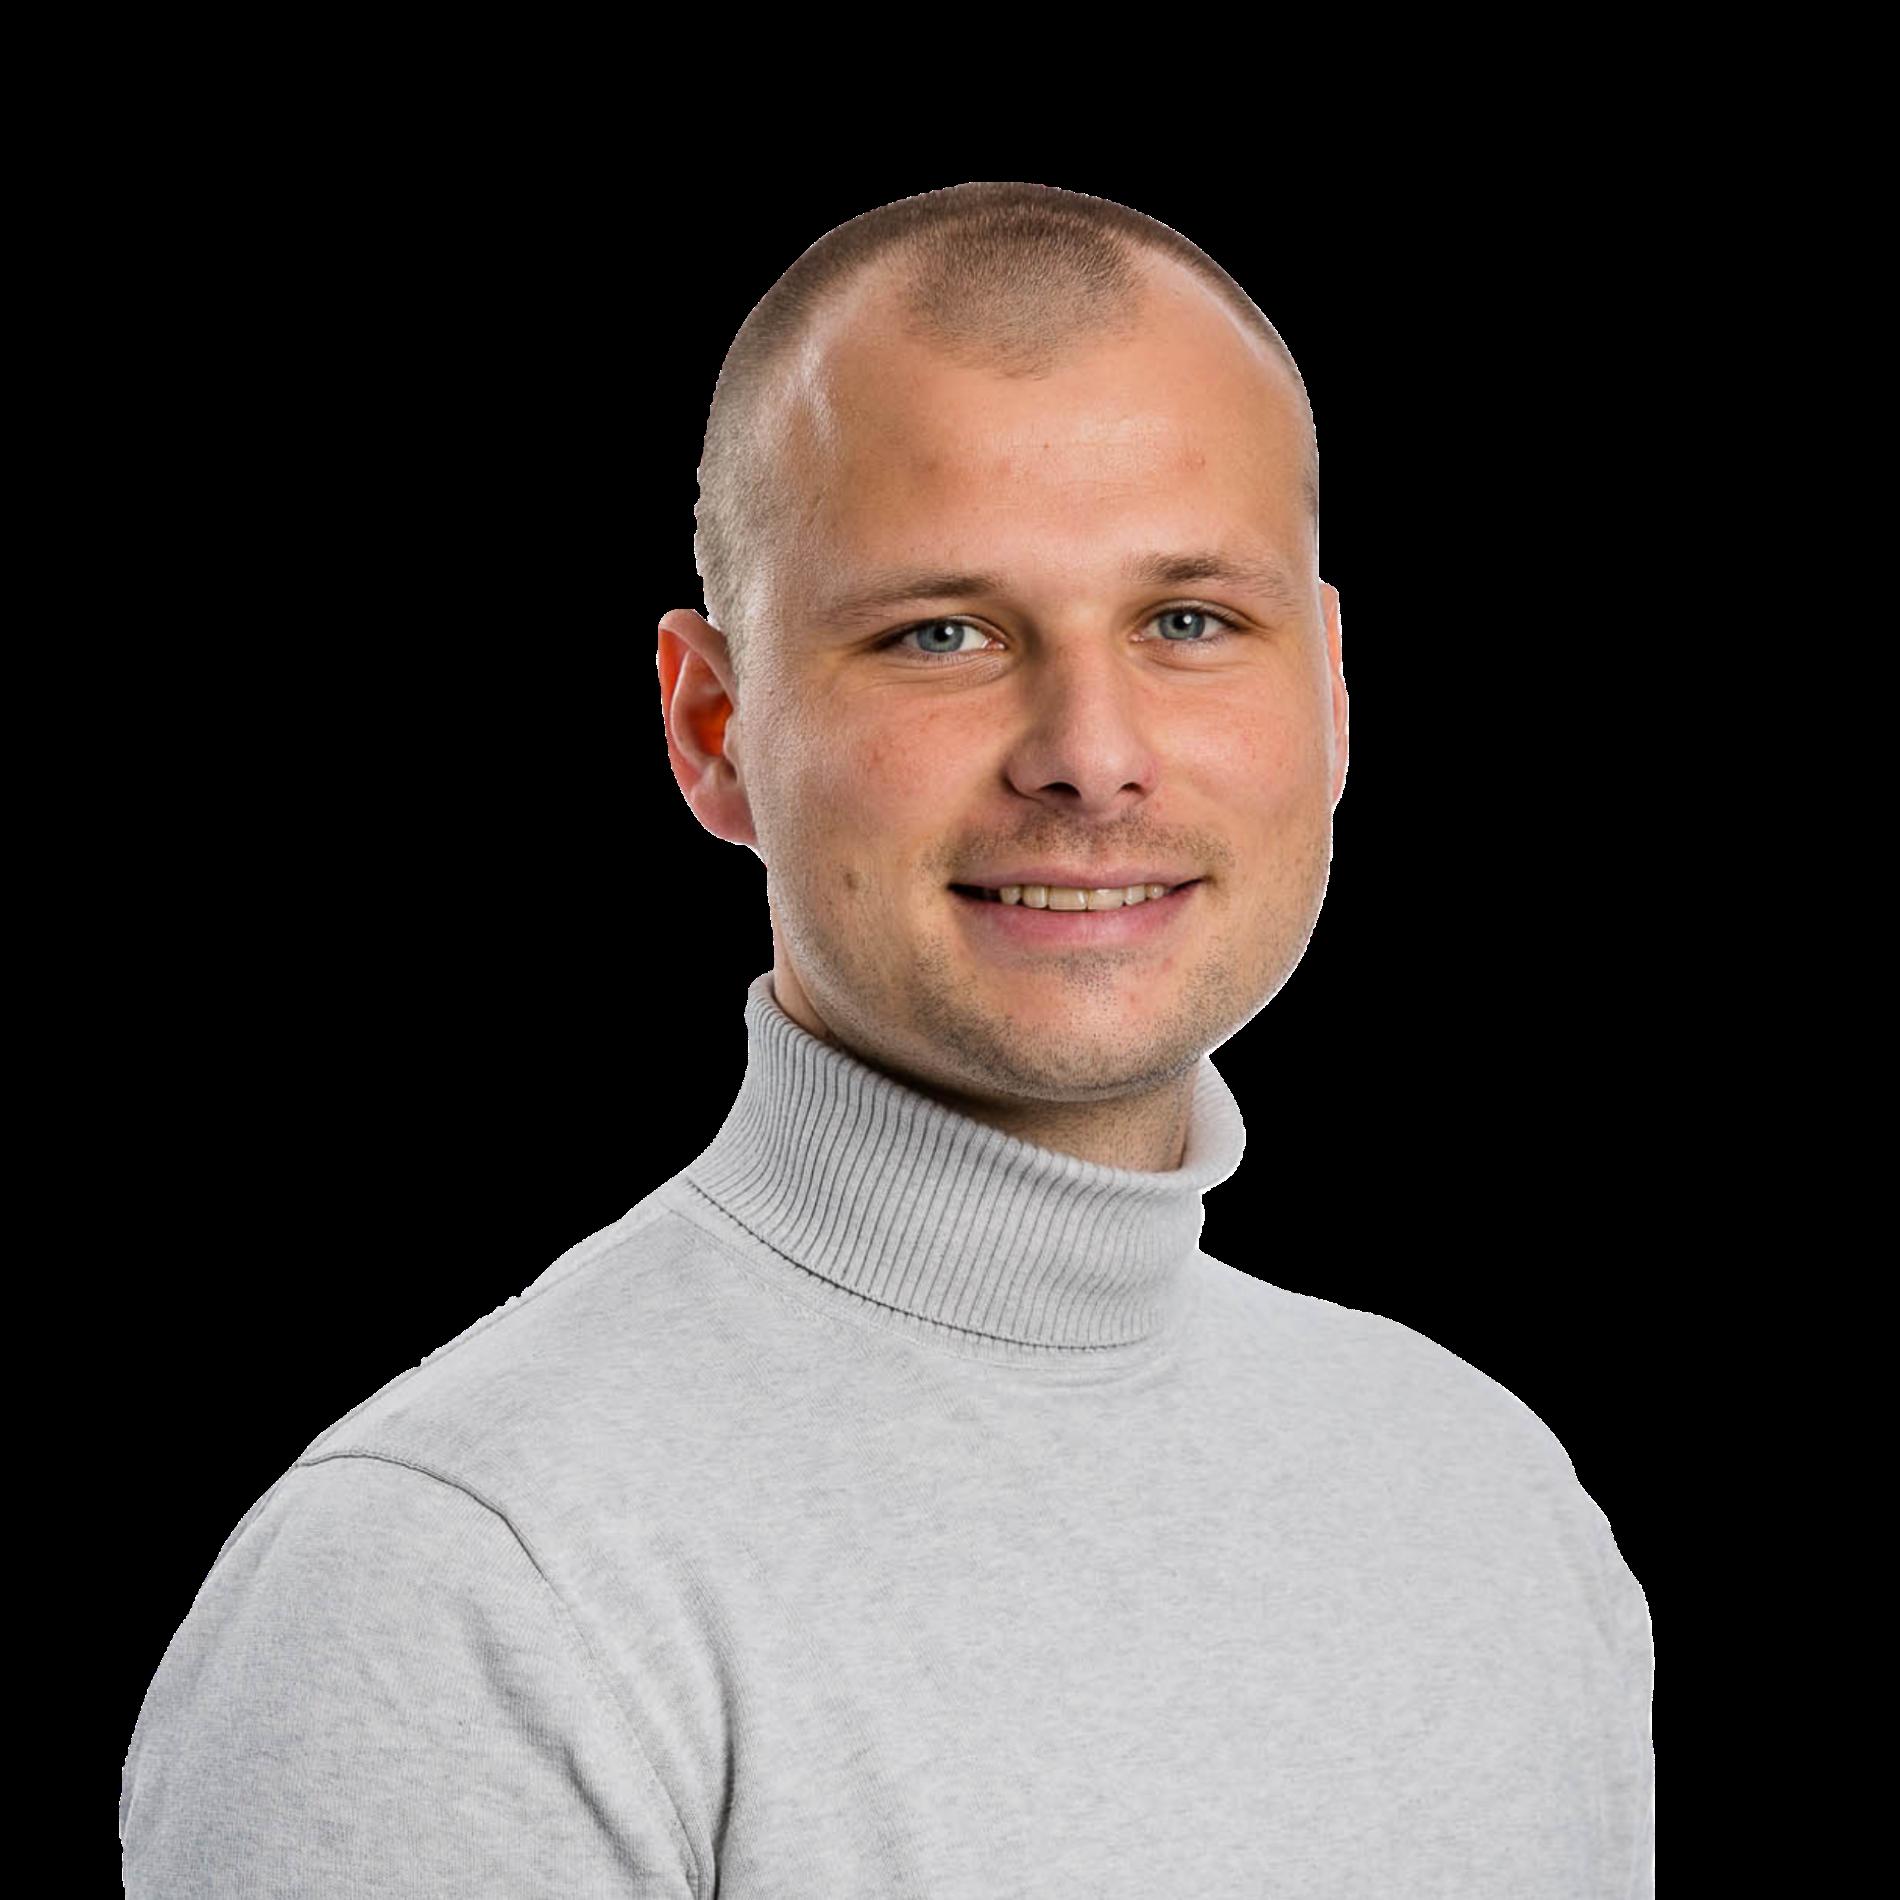 Floris Engelbertink